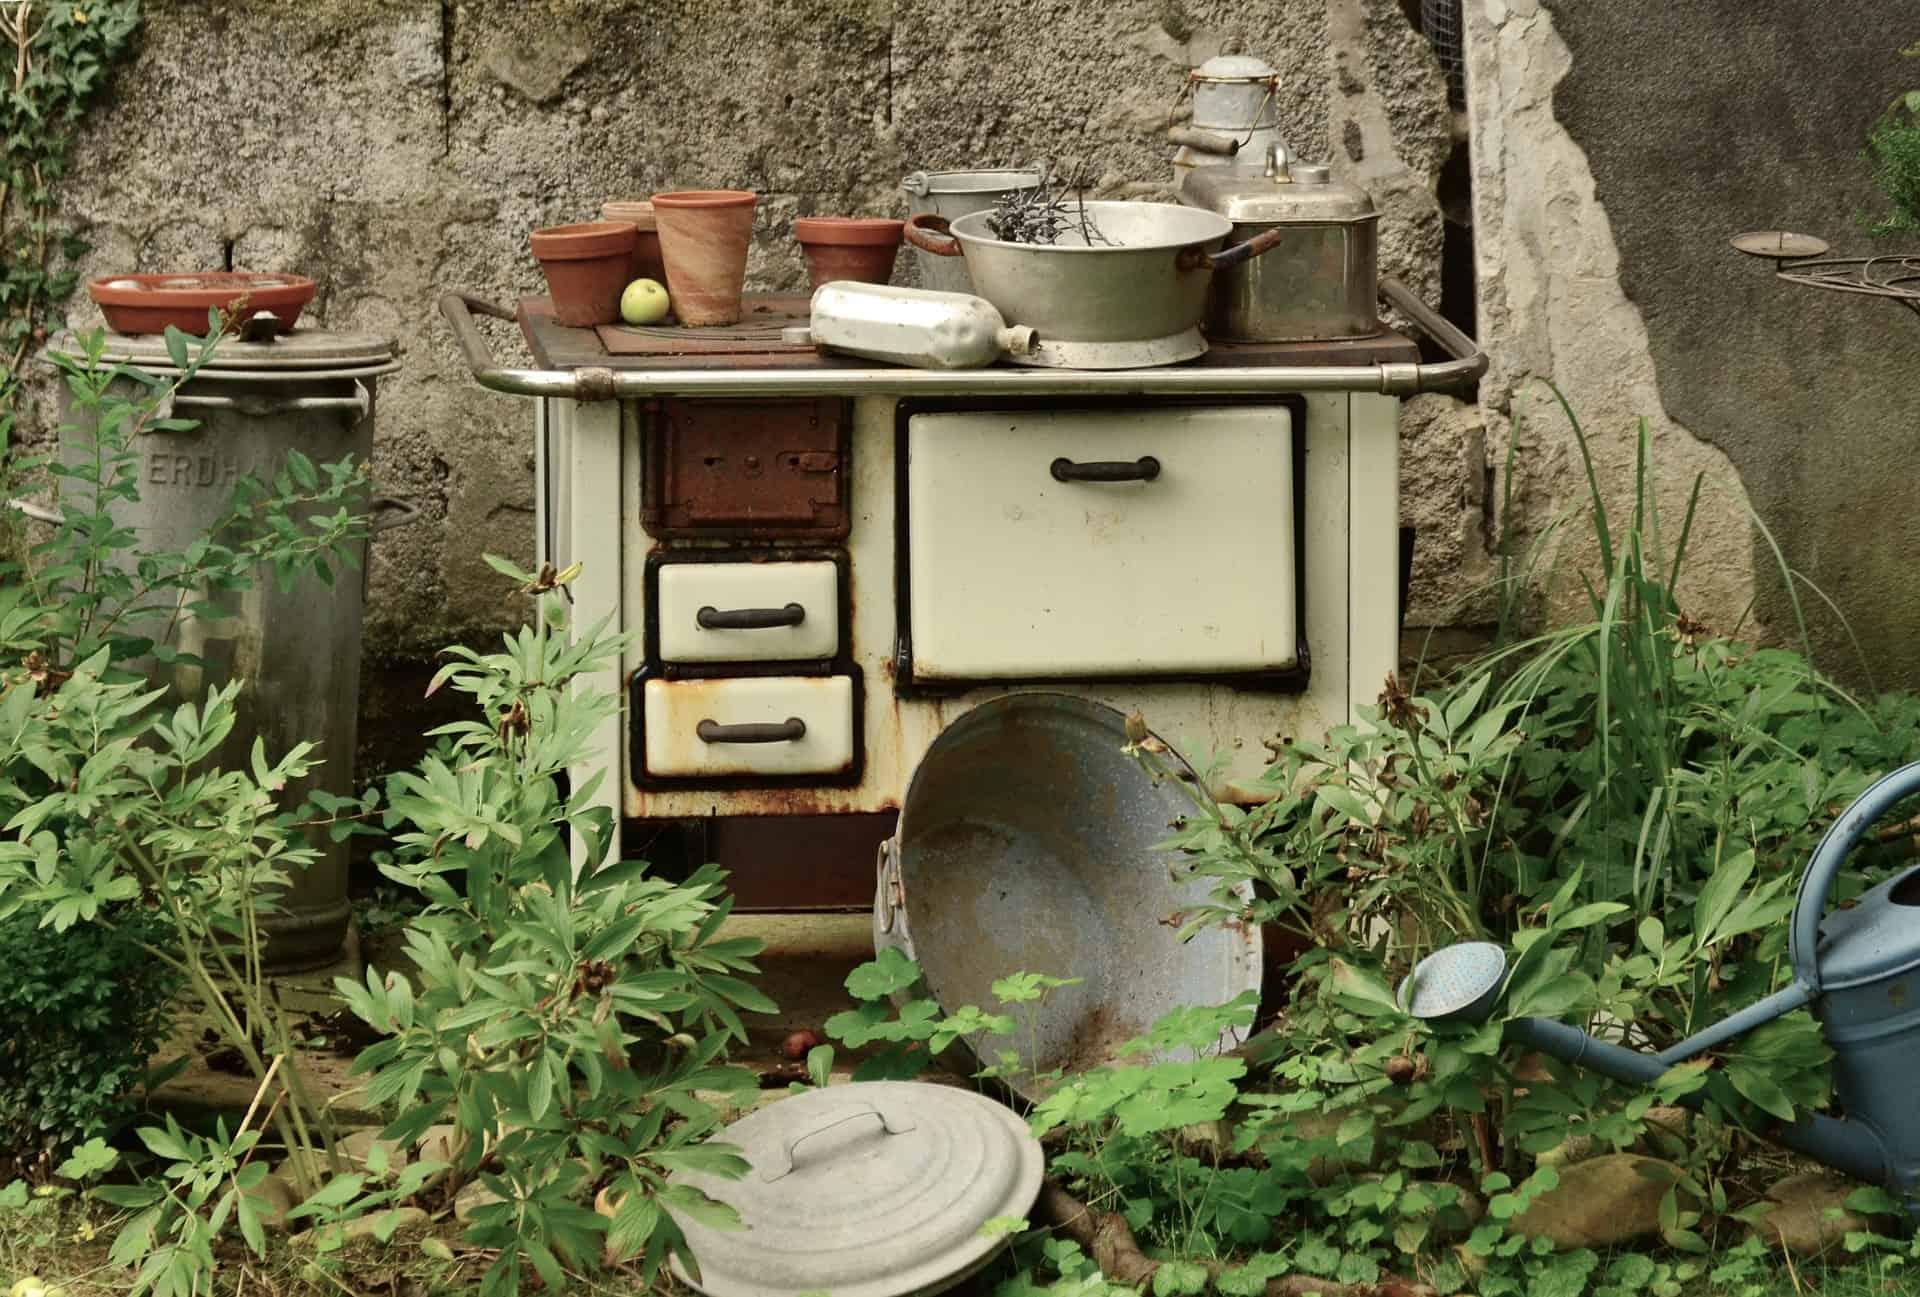 Gartenküche Test 2019 | Die besten Outdoor-Küchen im Vergleich